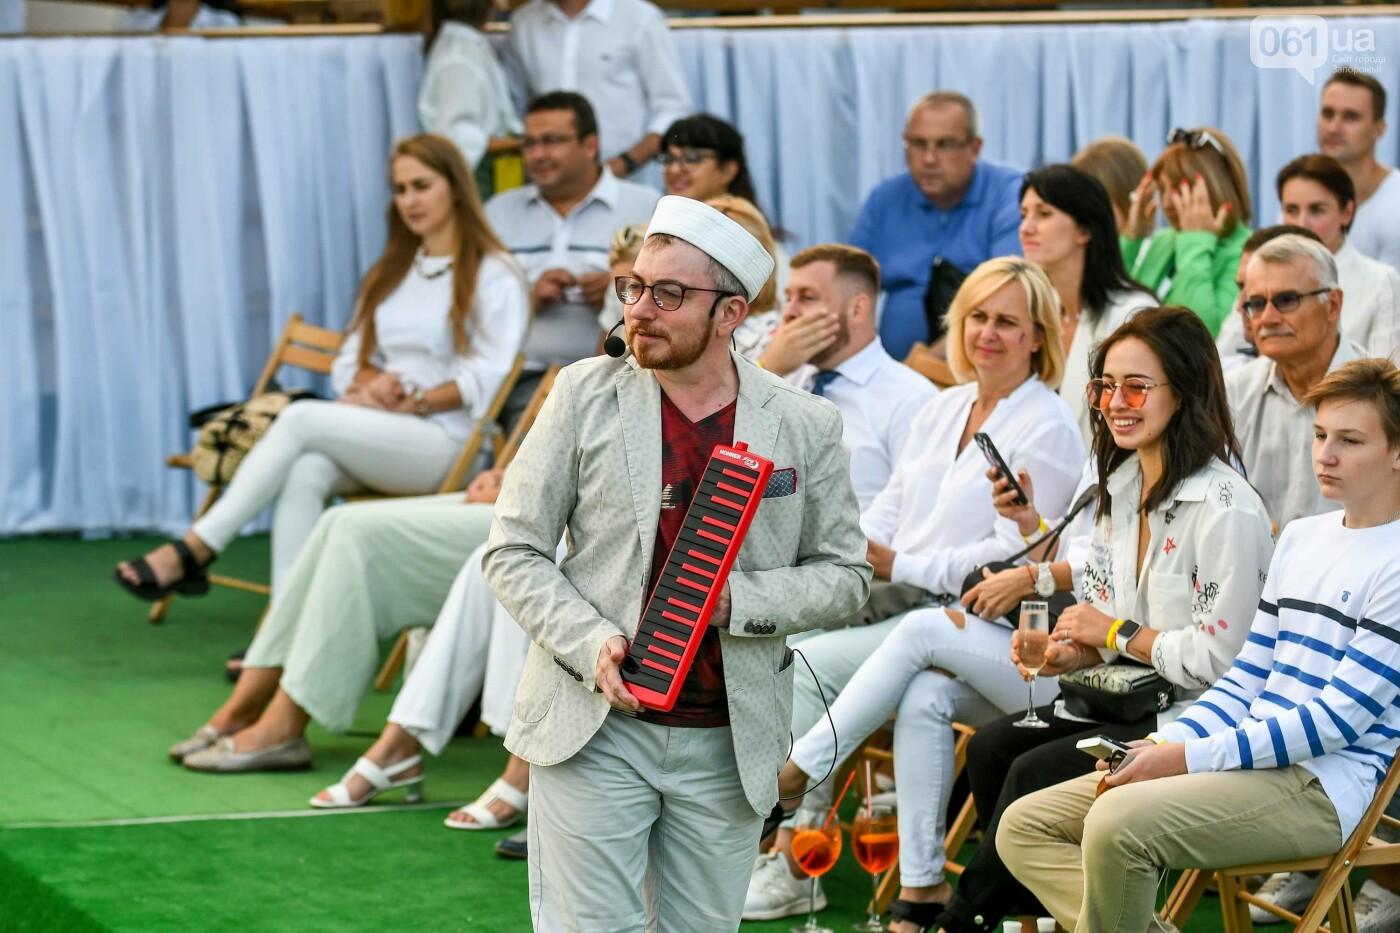 Пианист-виртуоз Майк Кауфман-Портников сыграл джазовый концерт в Запорожье, - ФОТОРЕПОРТАЖ, фото-9